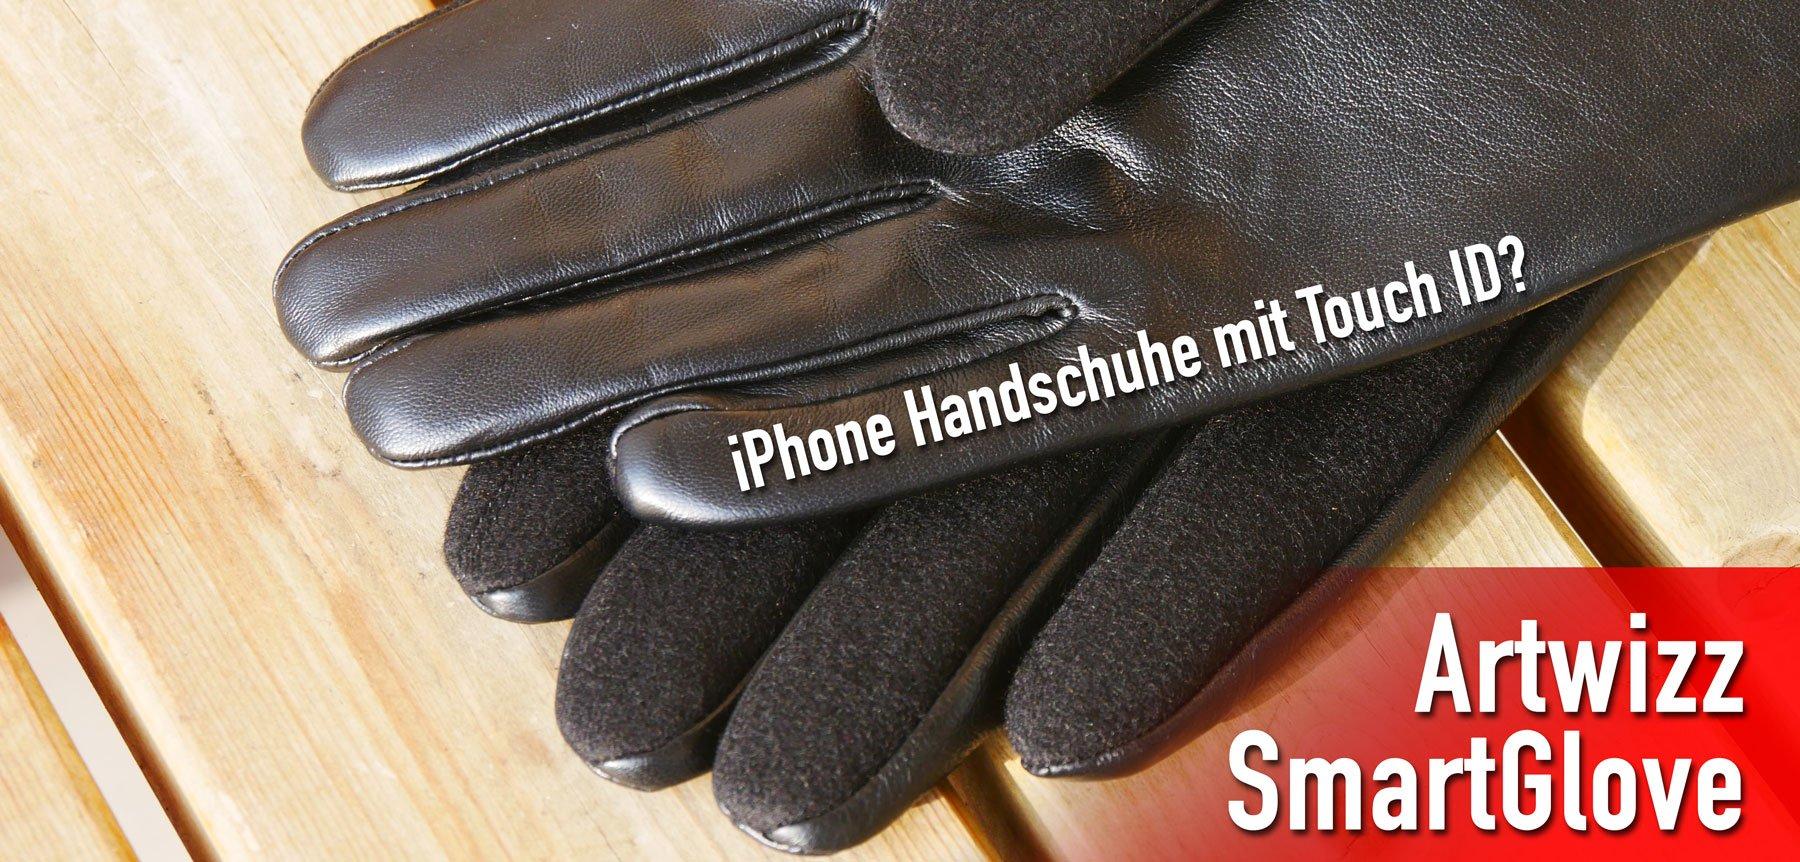 Artwizz SmartGlove: ausgezeichnete Touch Handschuhe fürs iPhone 1